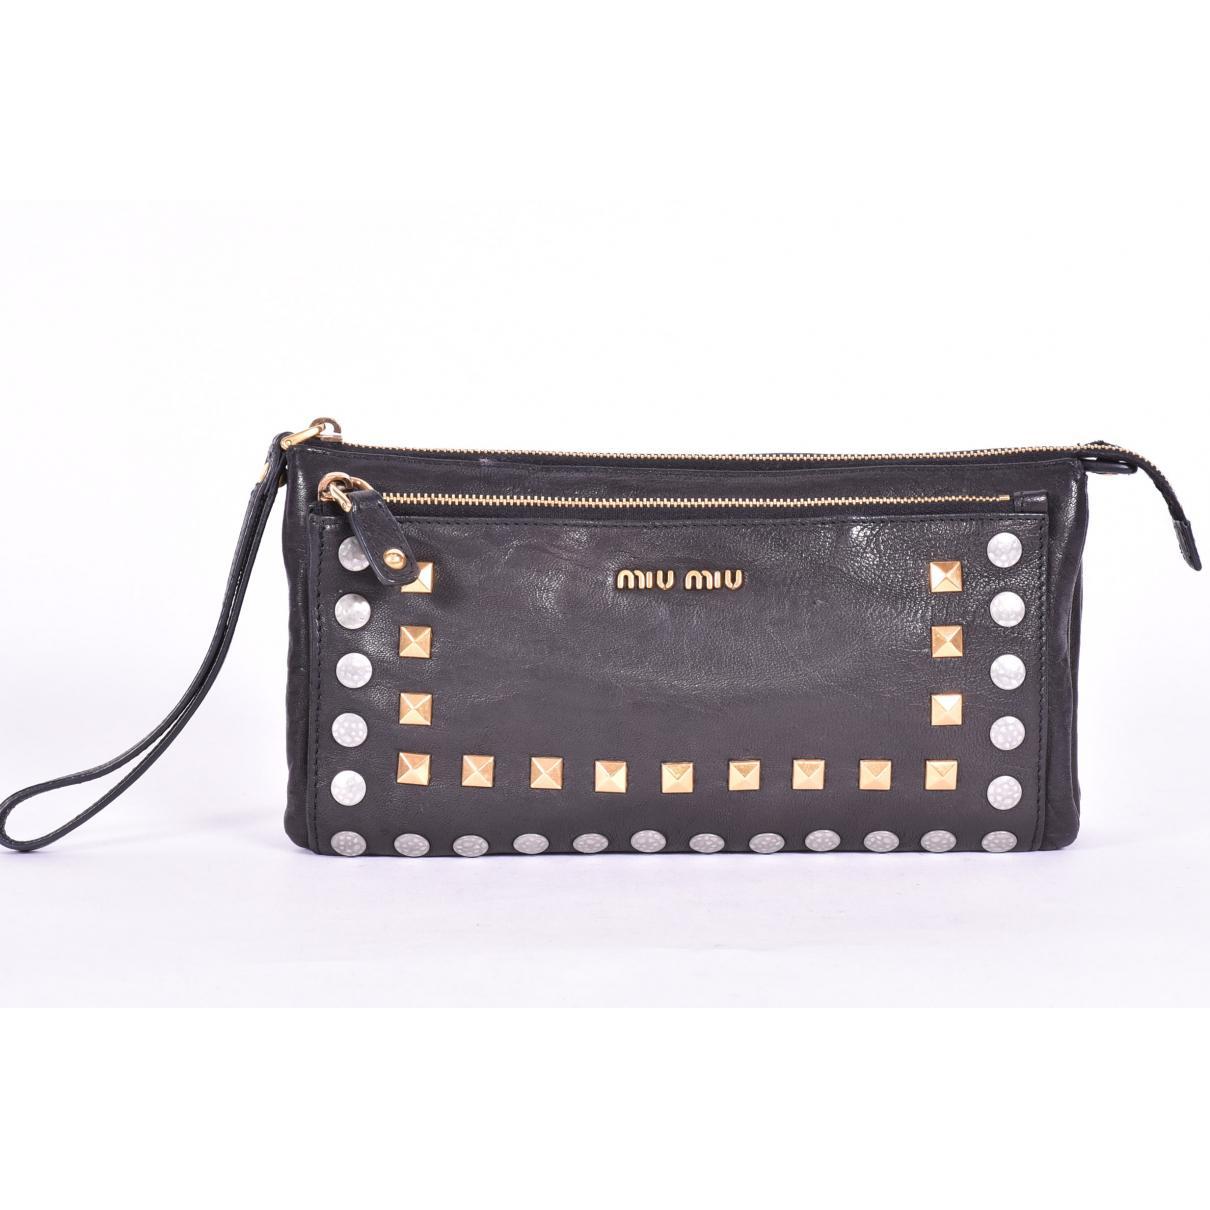 2cb33c58355 Miu Miu Black Leather Clutch Bag in Black - Lyst